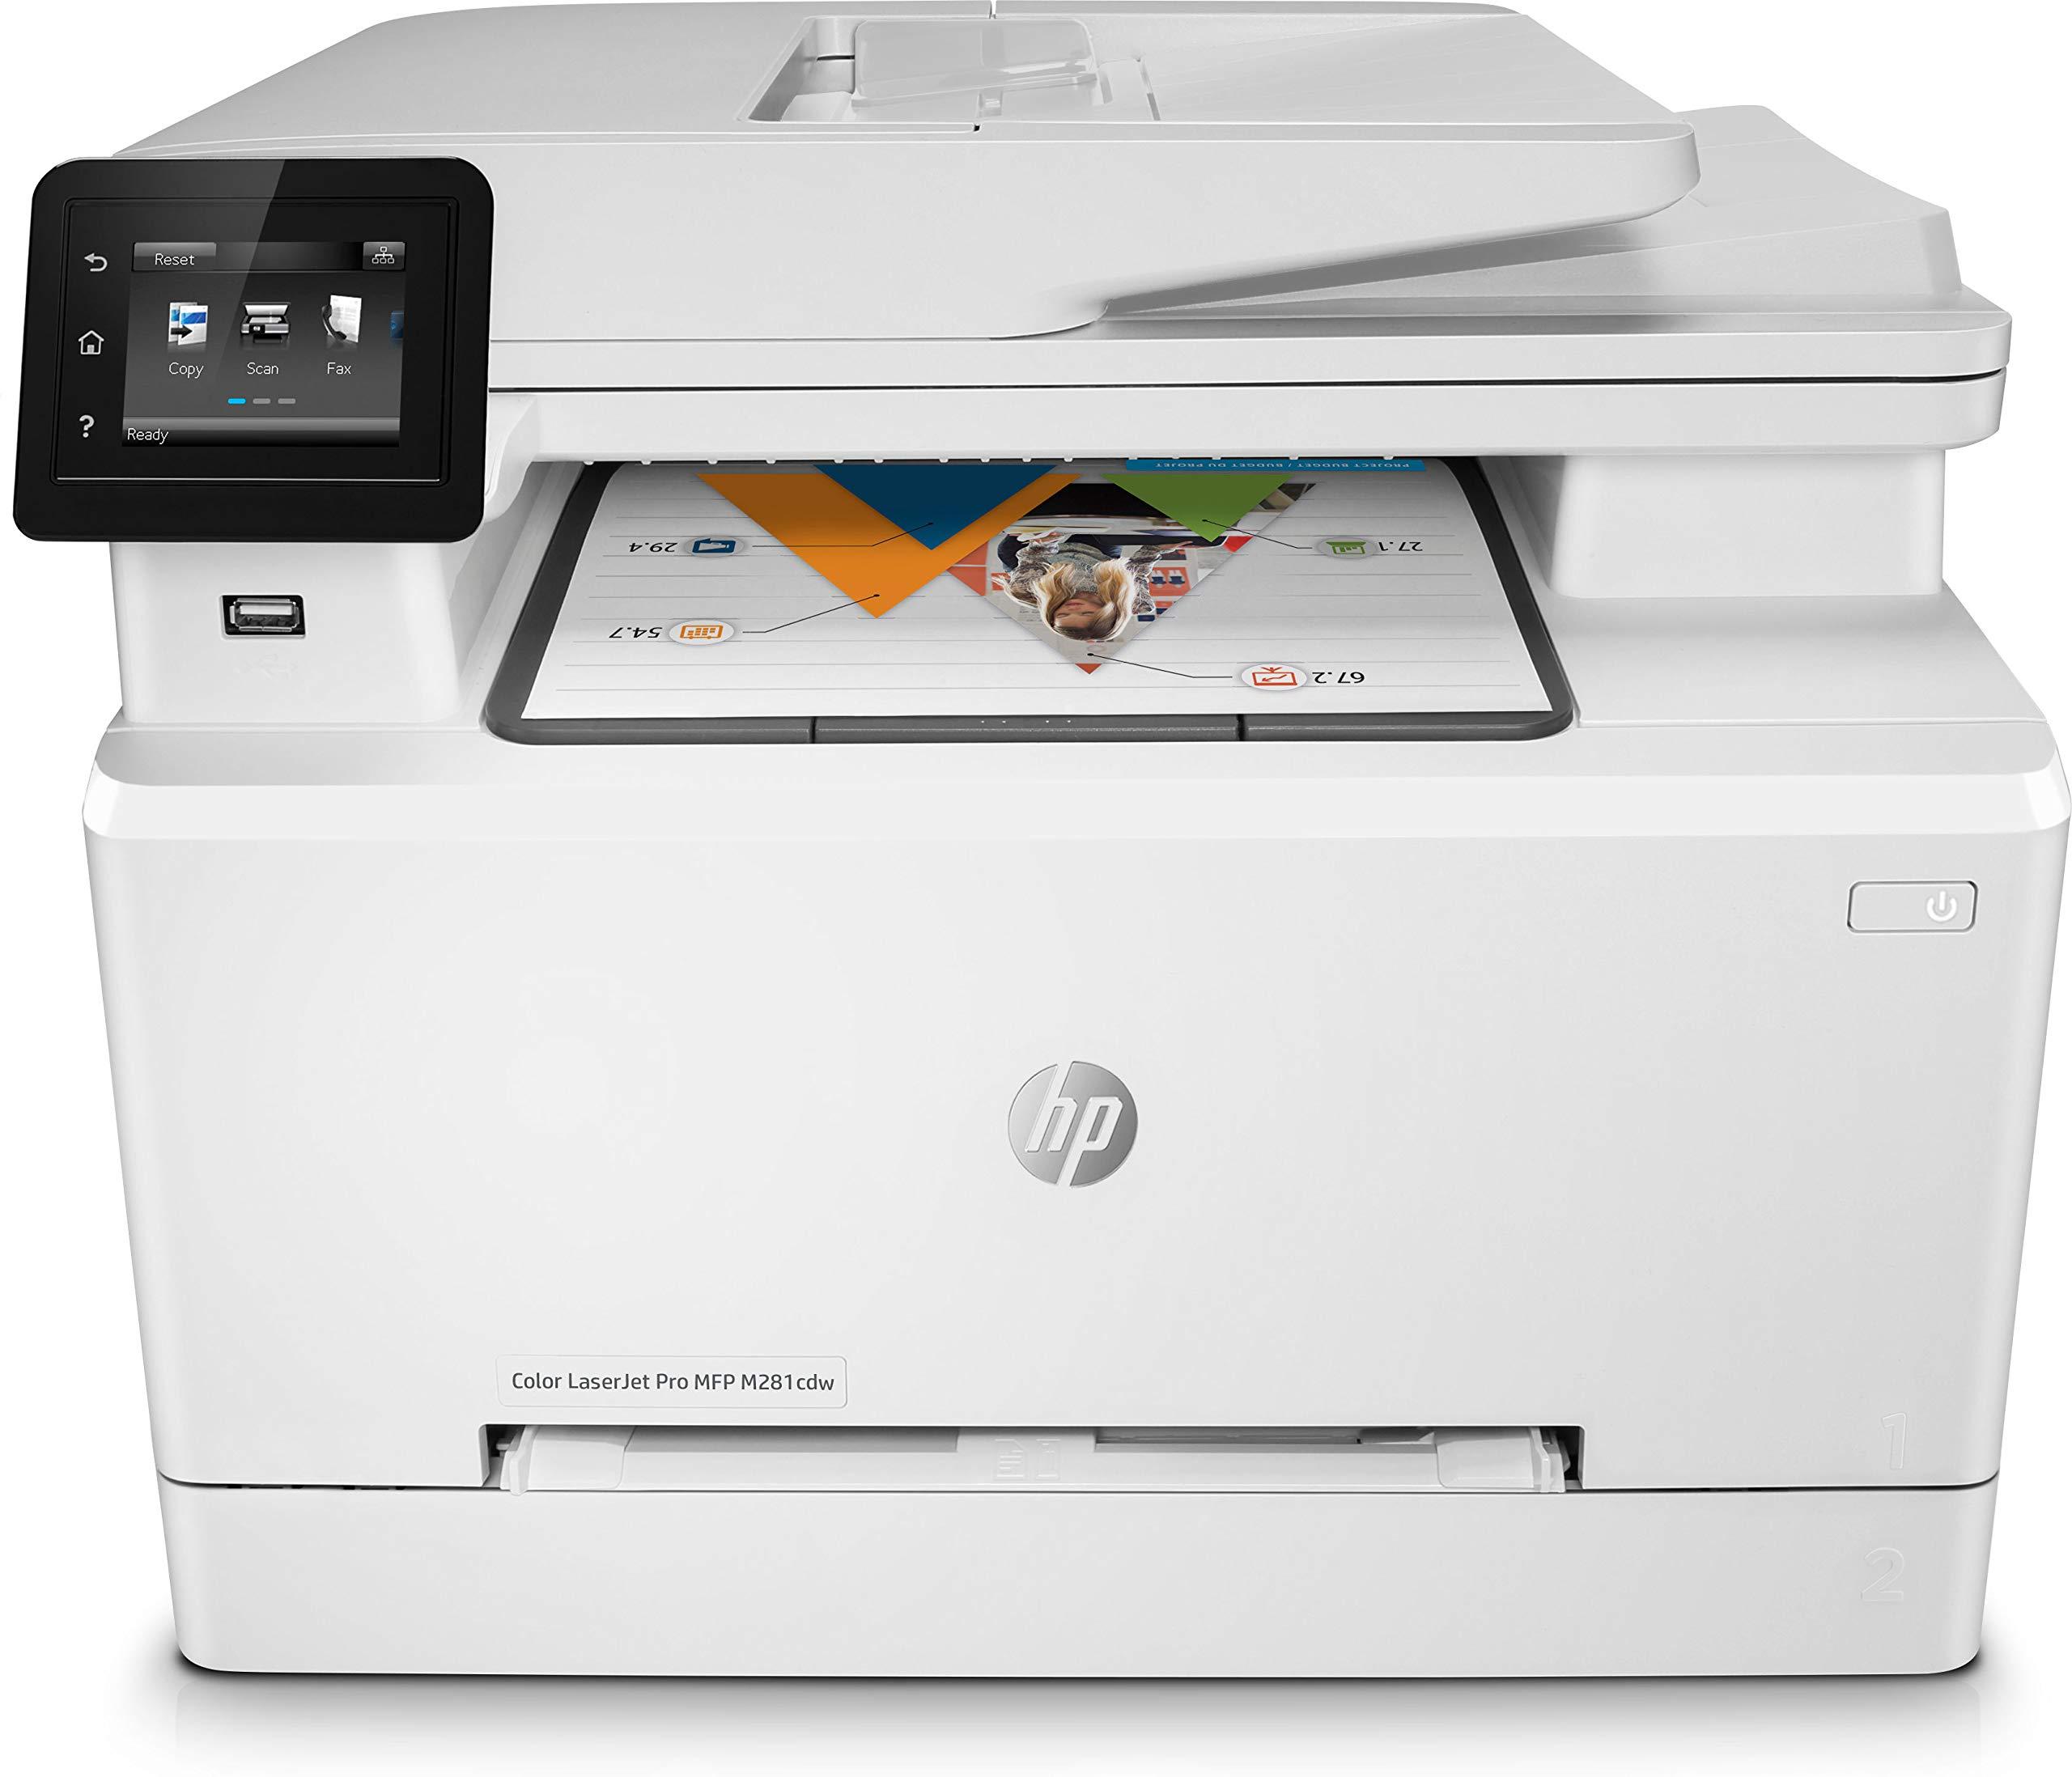 HP HP Pro MFP M281fdwカラーレーザーワイヤレスプリンター印刷/コピー/スキャン/ FAX MFP